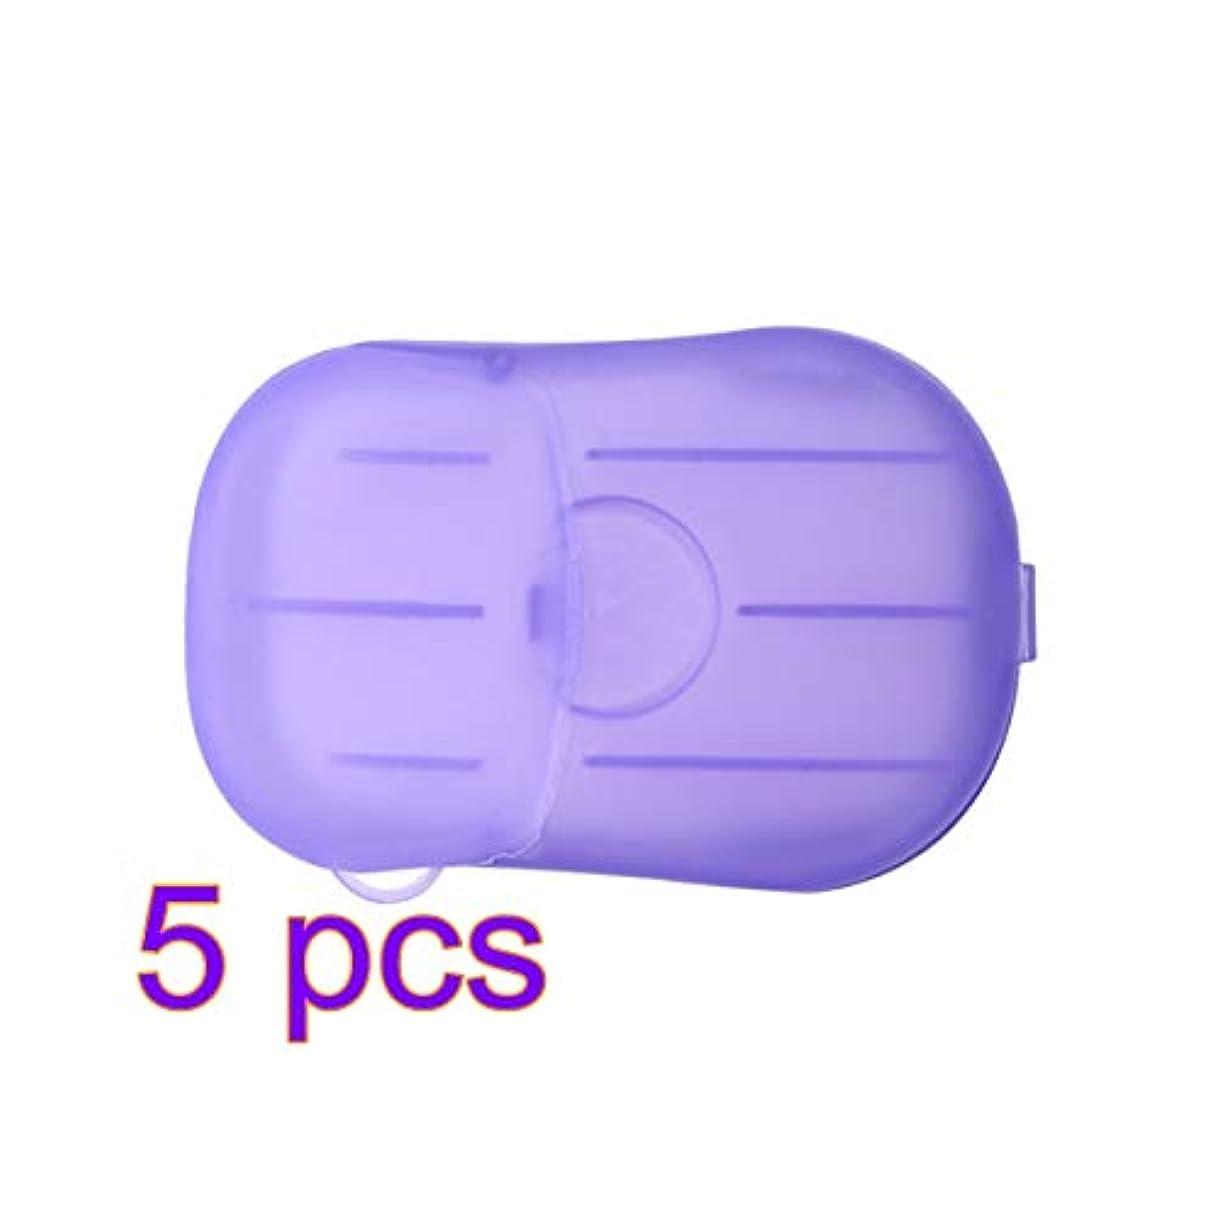 フィードイースターマインドフルLIOOBO 5セットポータブルソープペーパー使い捨て手洗いペーパーソープスライスシーツ子供用大人トイレ旅行屋外用(パープル)